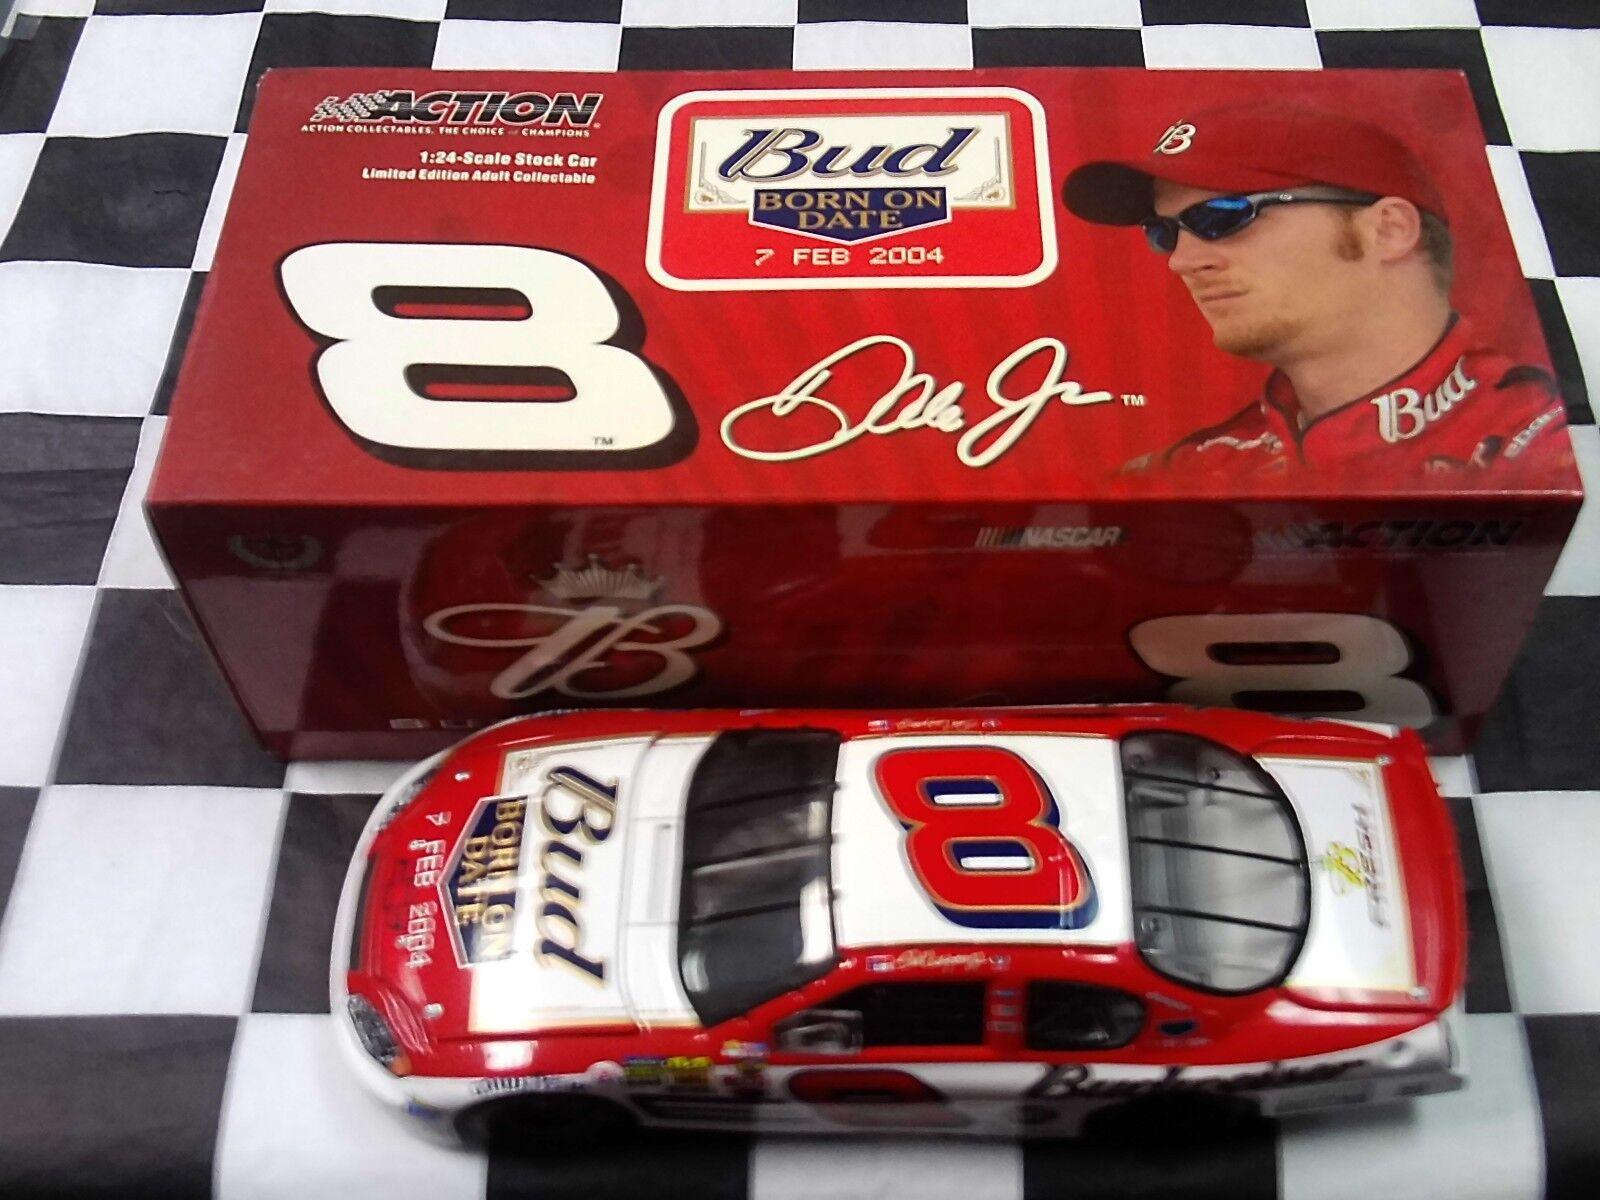 Dale Earnhardt Jr   8 Budweiser Born On Date 2004 Monte voiturelo 1 24 Action 106369  centre commercial professionnel intégré en ligne